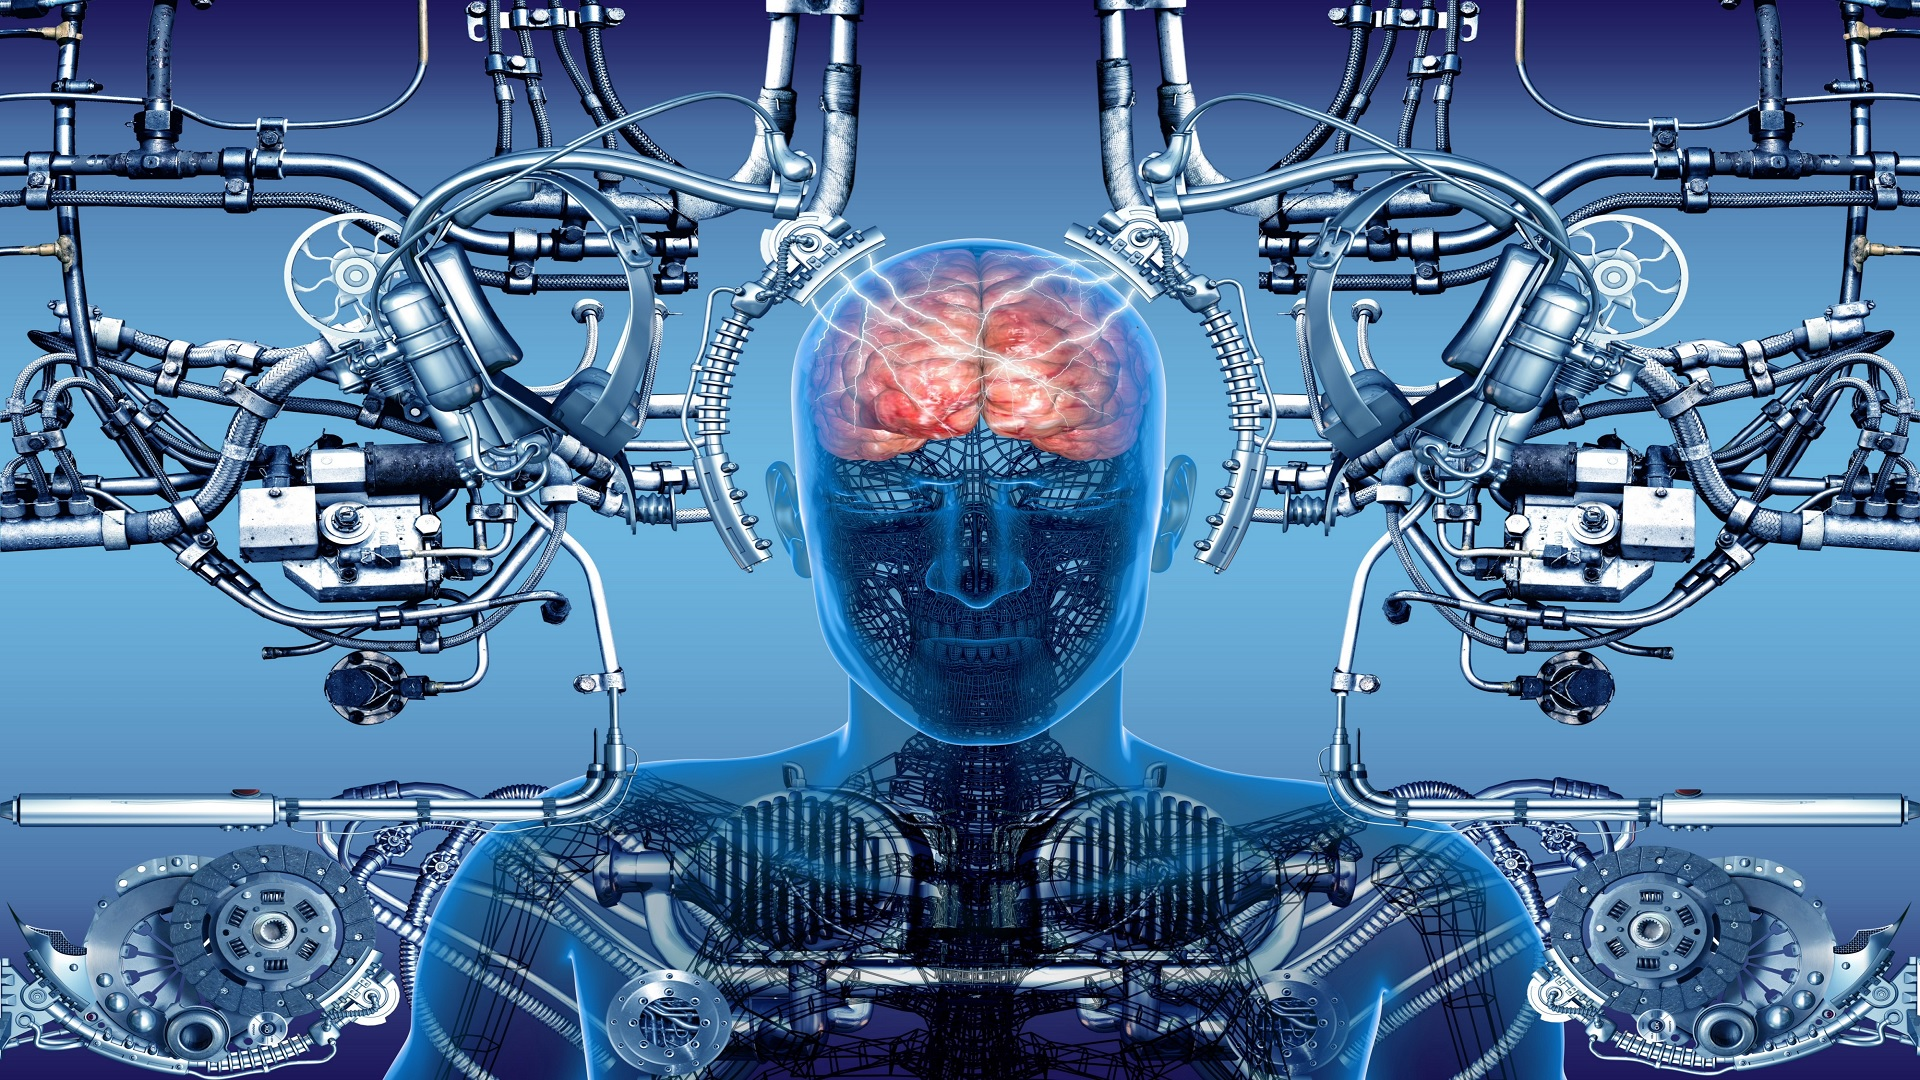 Τρισδιάστατα εμφυτεύματα: Μηχανικοί συνδέουν εγκεφάλους με υπολογιστές